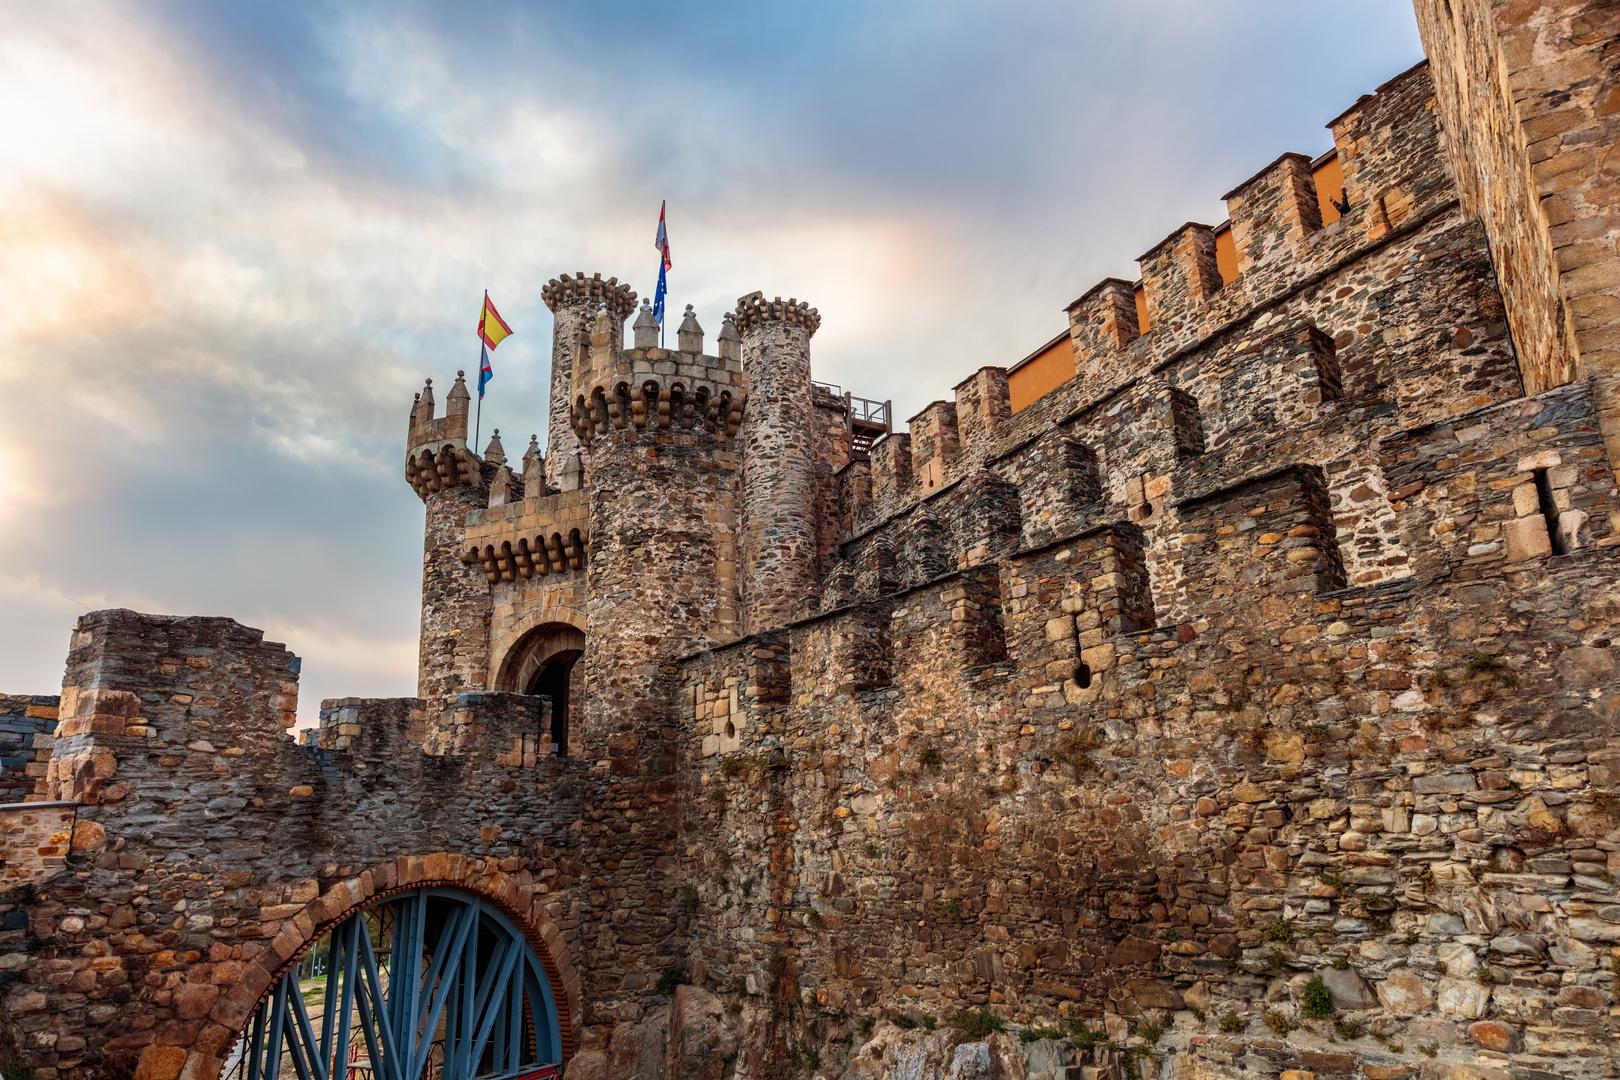 almenas castillo templario, Ponferrada Imagen & Foto | arquitectura,  ciudades, sunset Fotos de fotocommunity